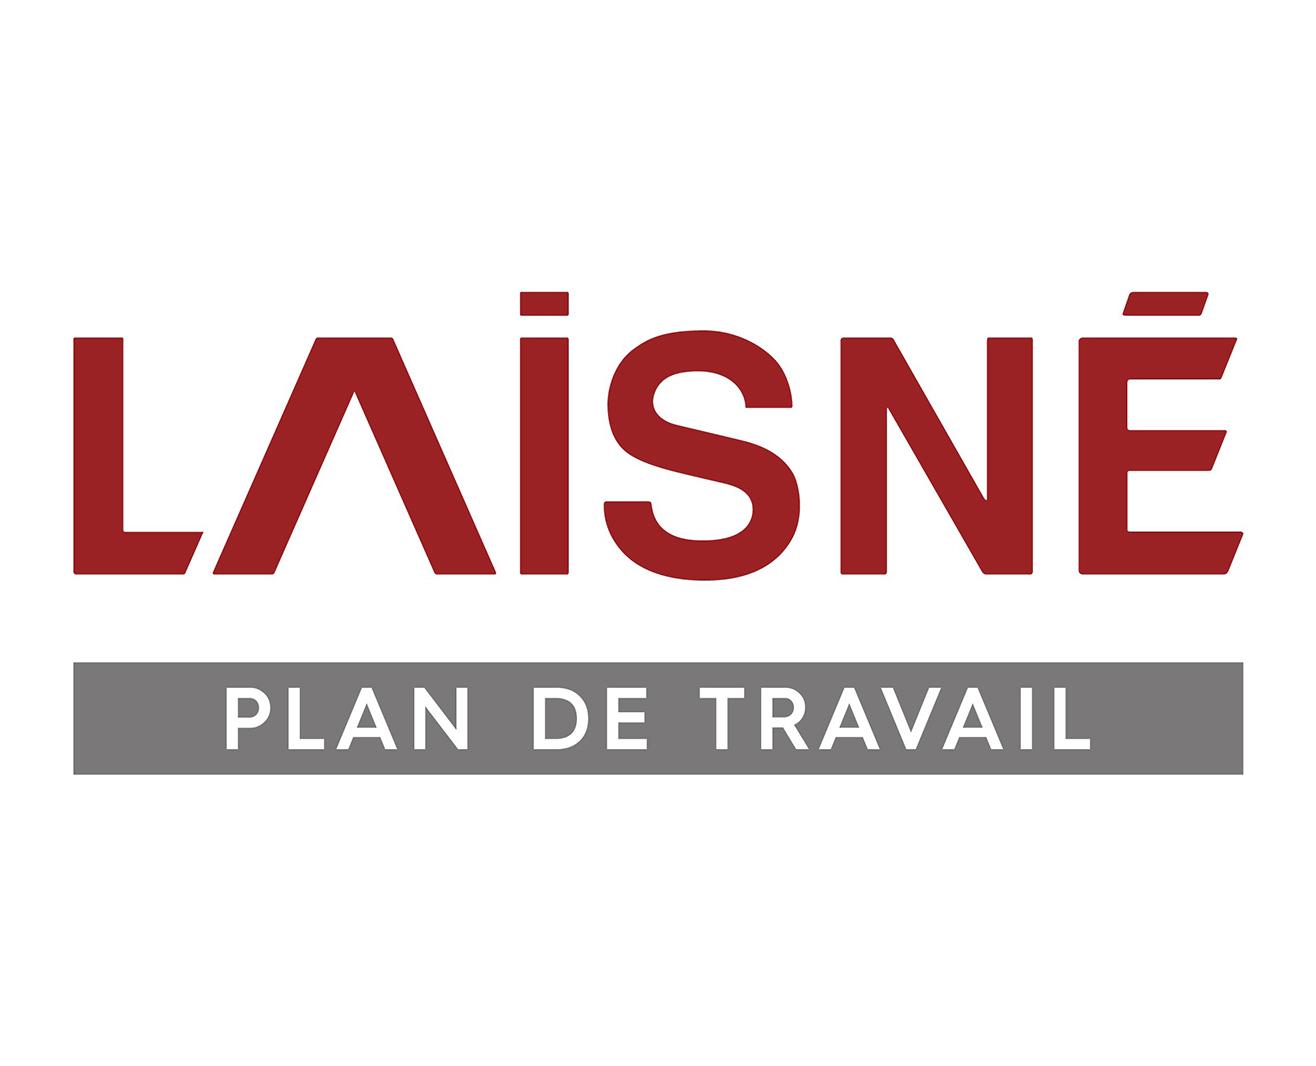 LAISNE PLAN DE TRAVAIL